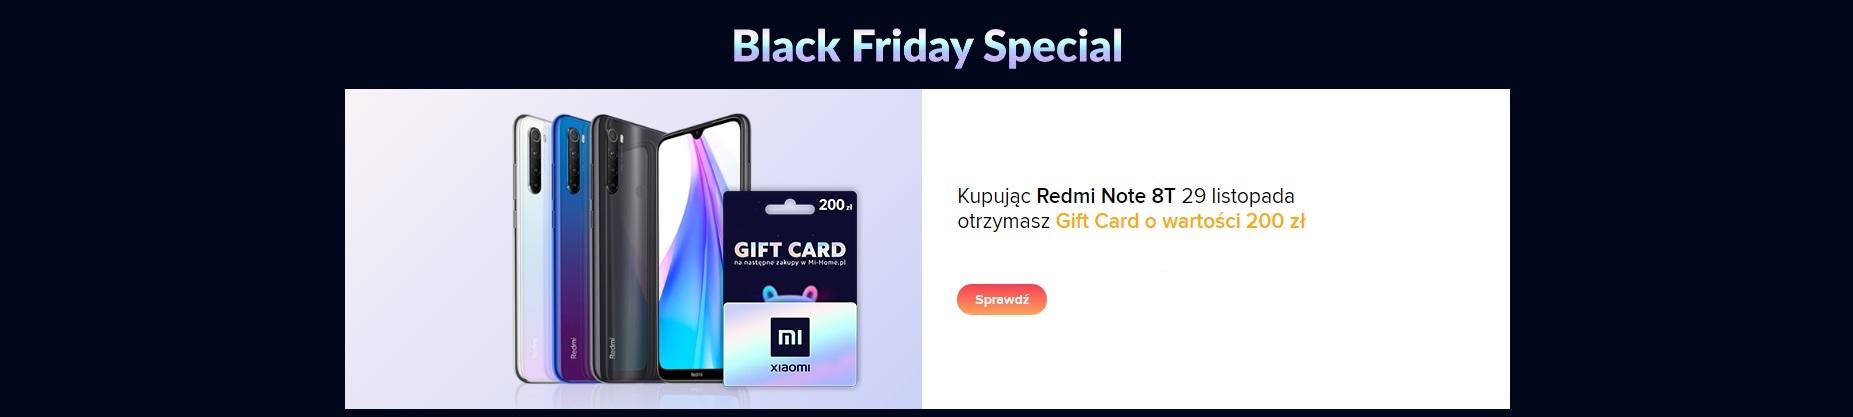 Uwaga: doskonała promocja na sprzęt Xiaomi! Przy zakupie Redmi Note 8T dostaniesz kartę podarunkową na 200 zł 16